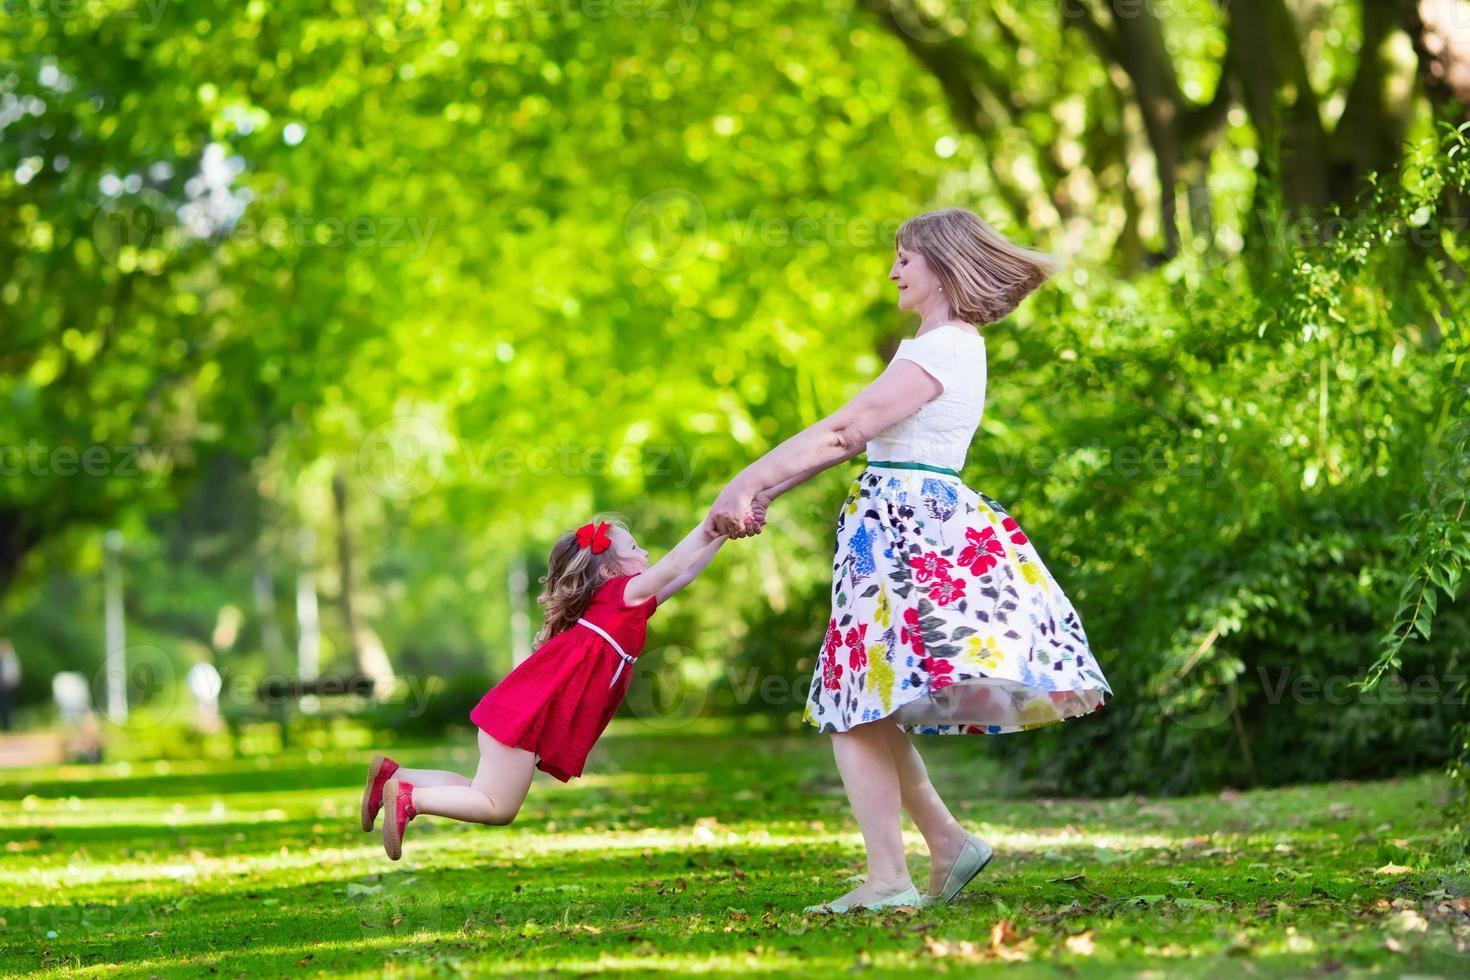 madre e figlia che giocano in un parco foto